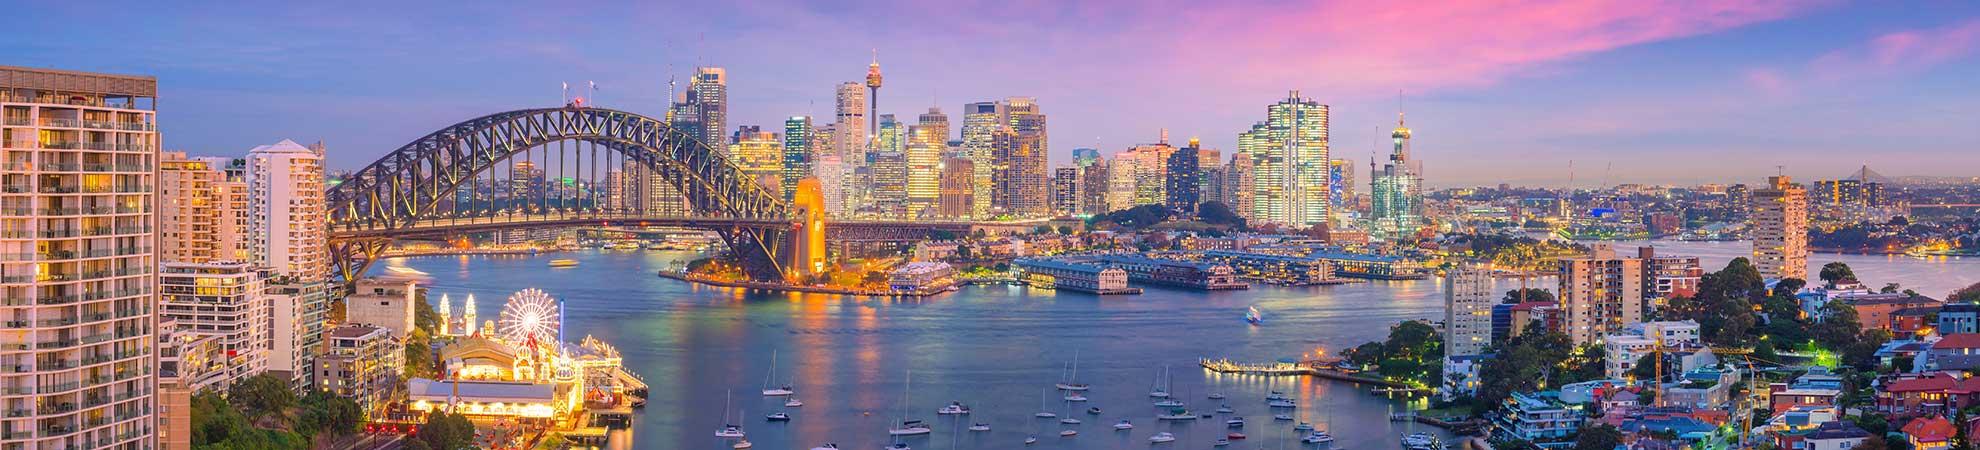 Festivités et jours fériés en Australie